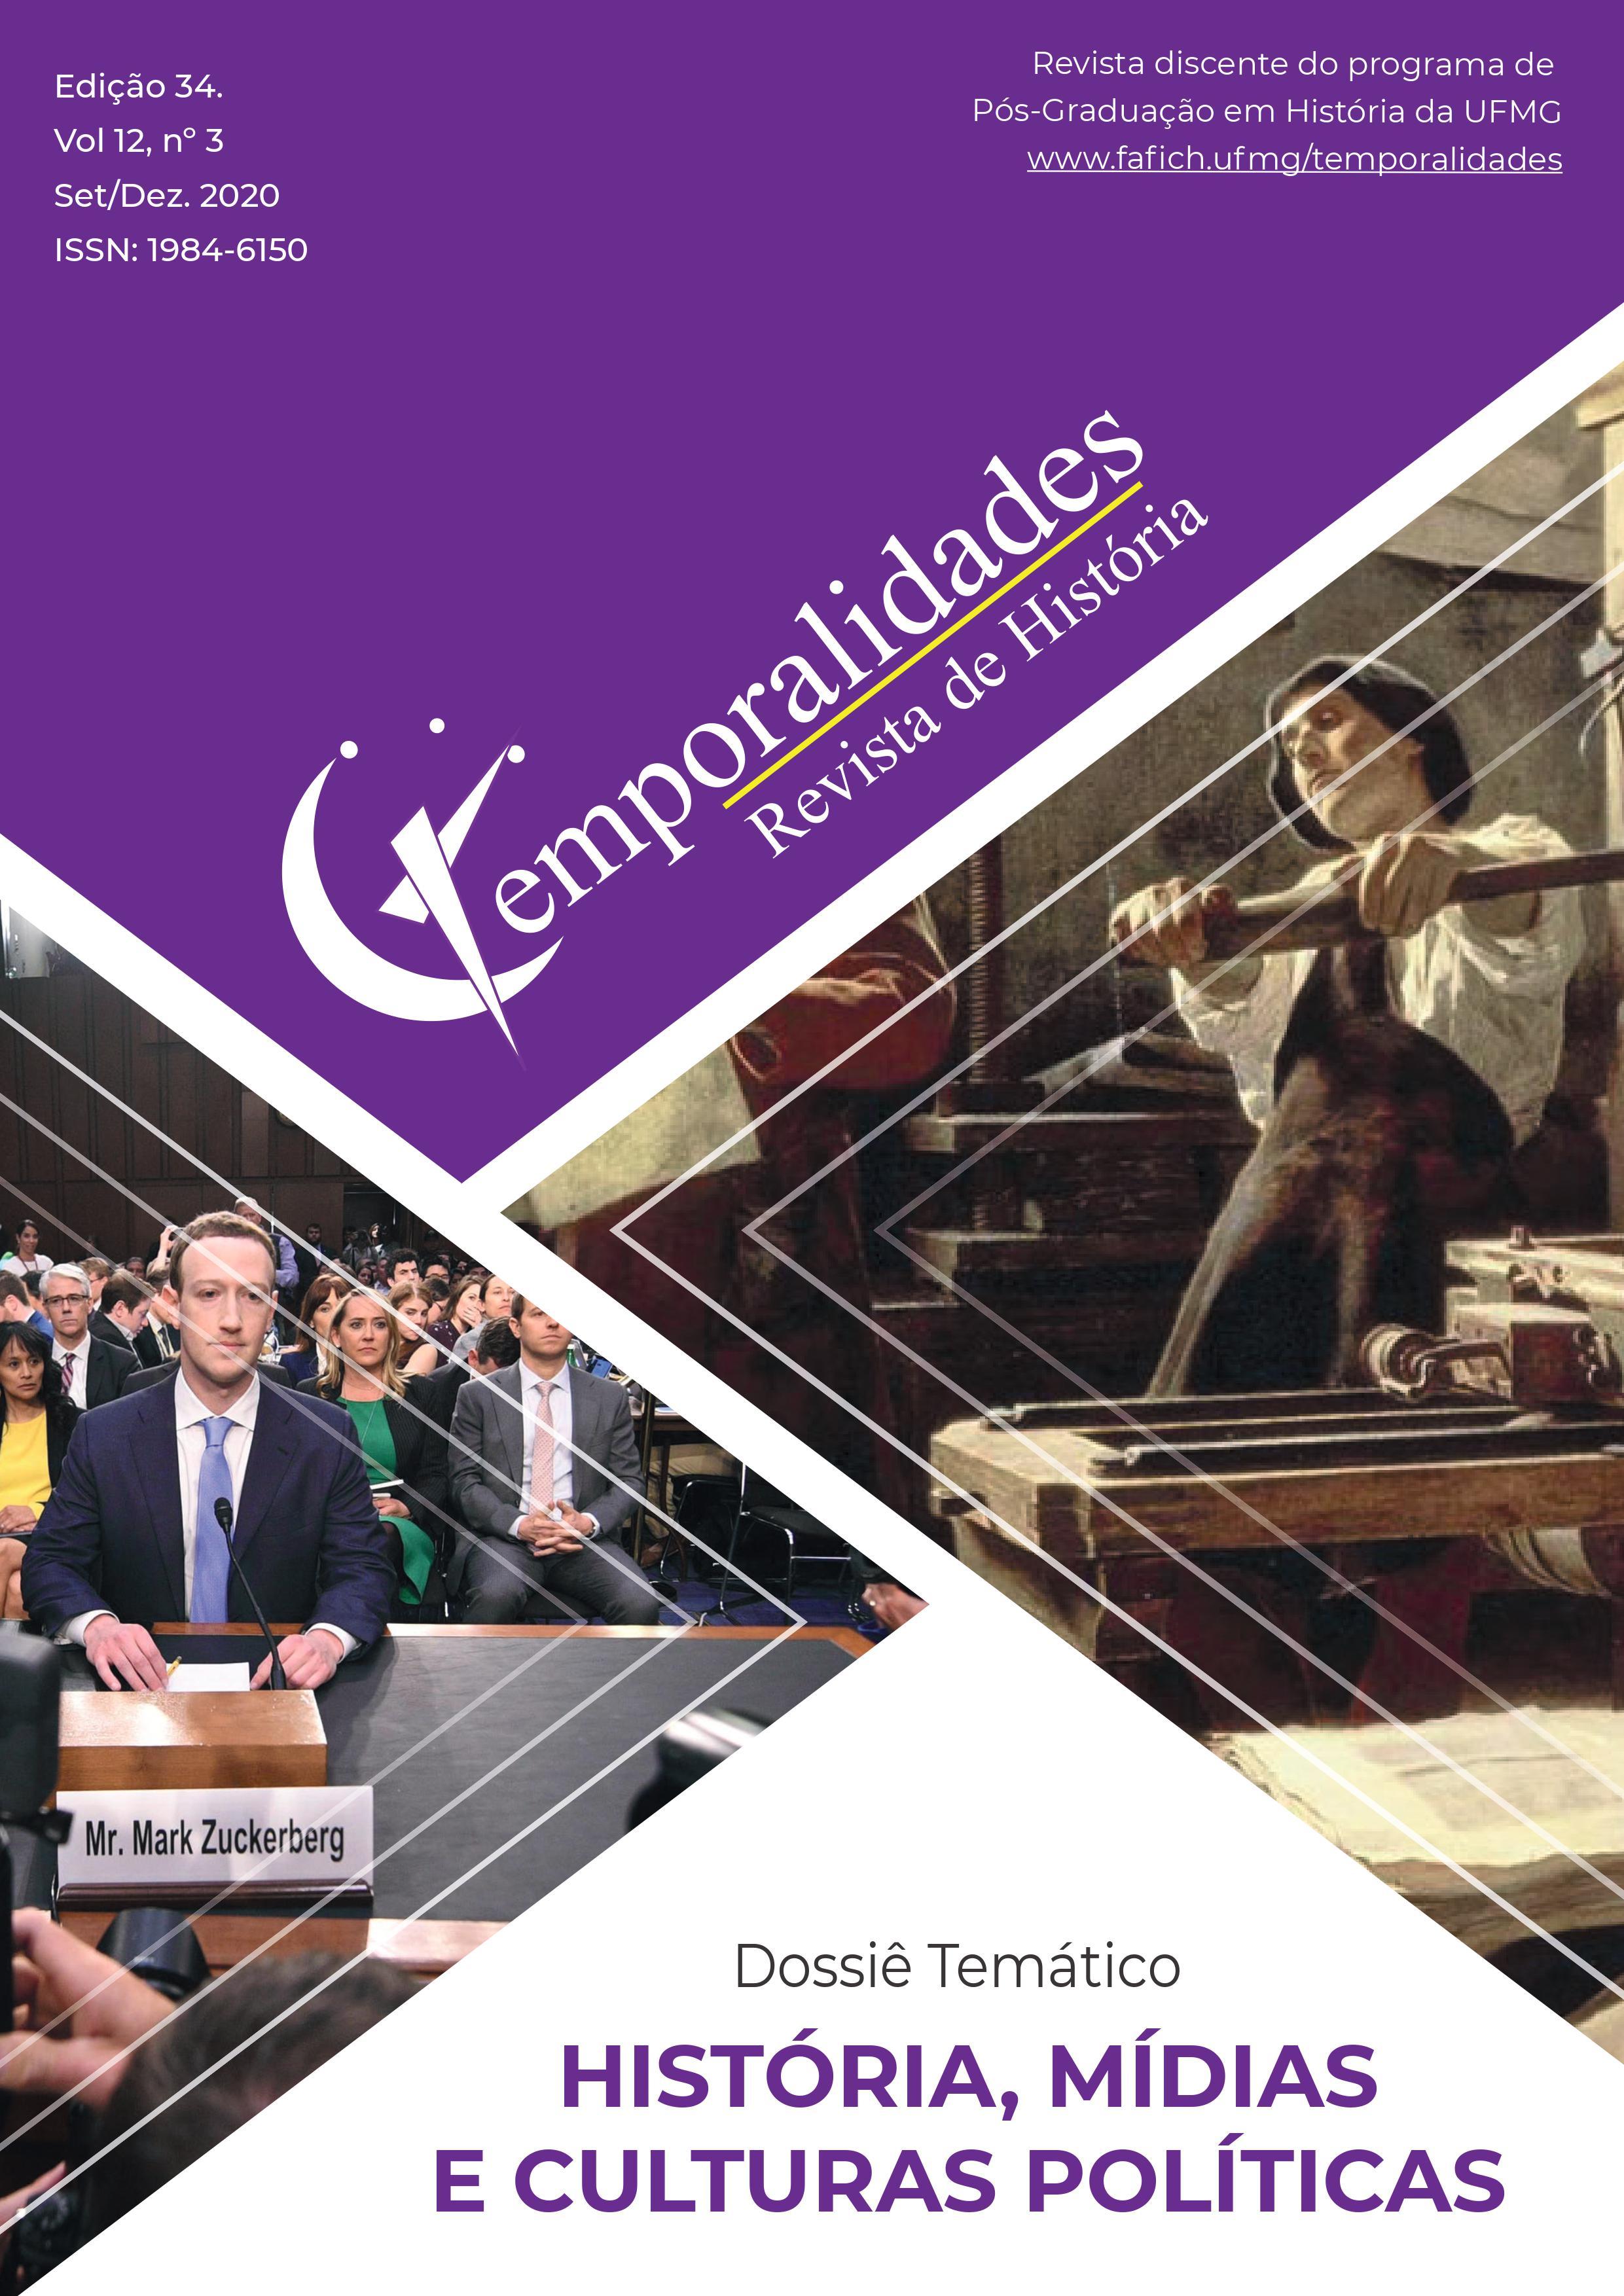 Visualizar v. 12 n. 3 (2020): Edição 34 - Temporalidades, Belo Horizonte (set./dez. 2020)